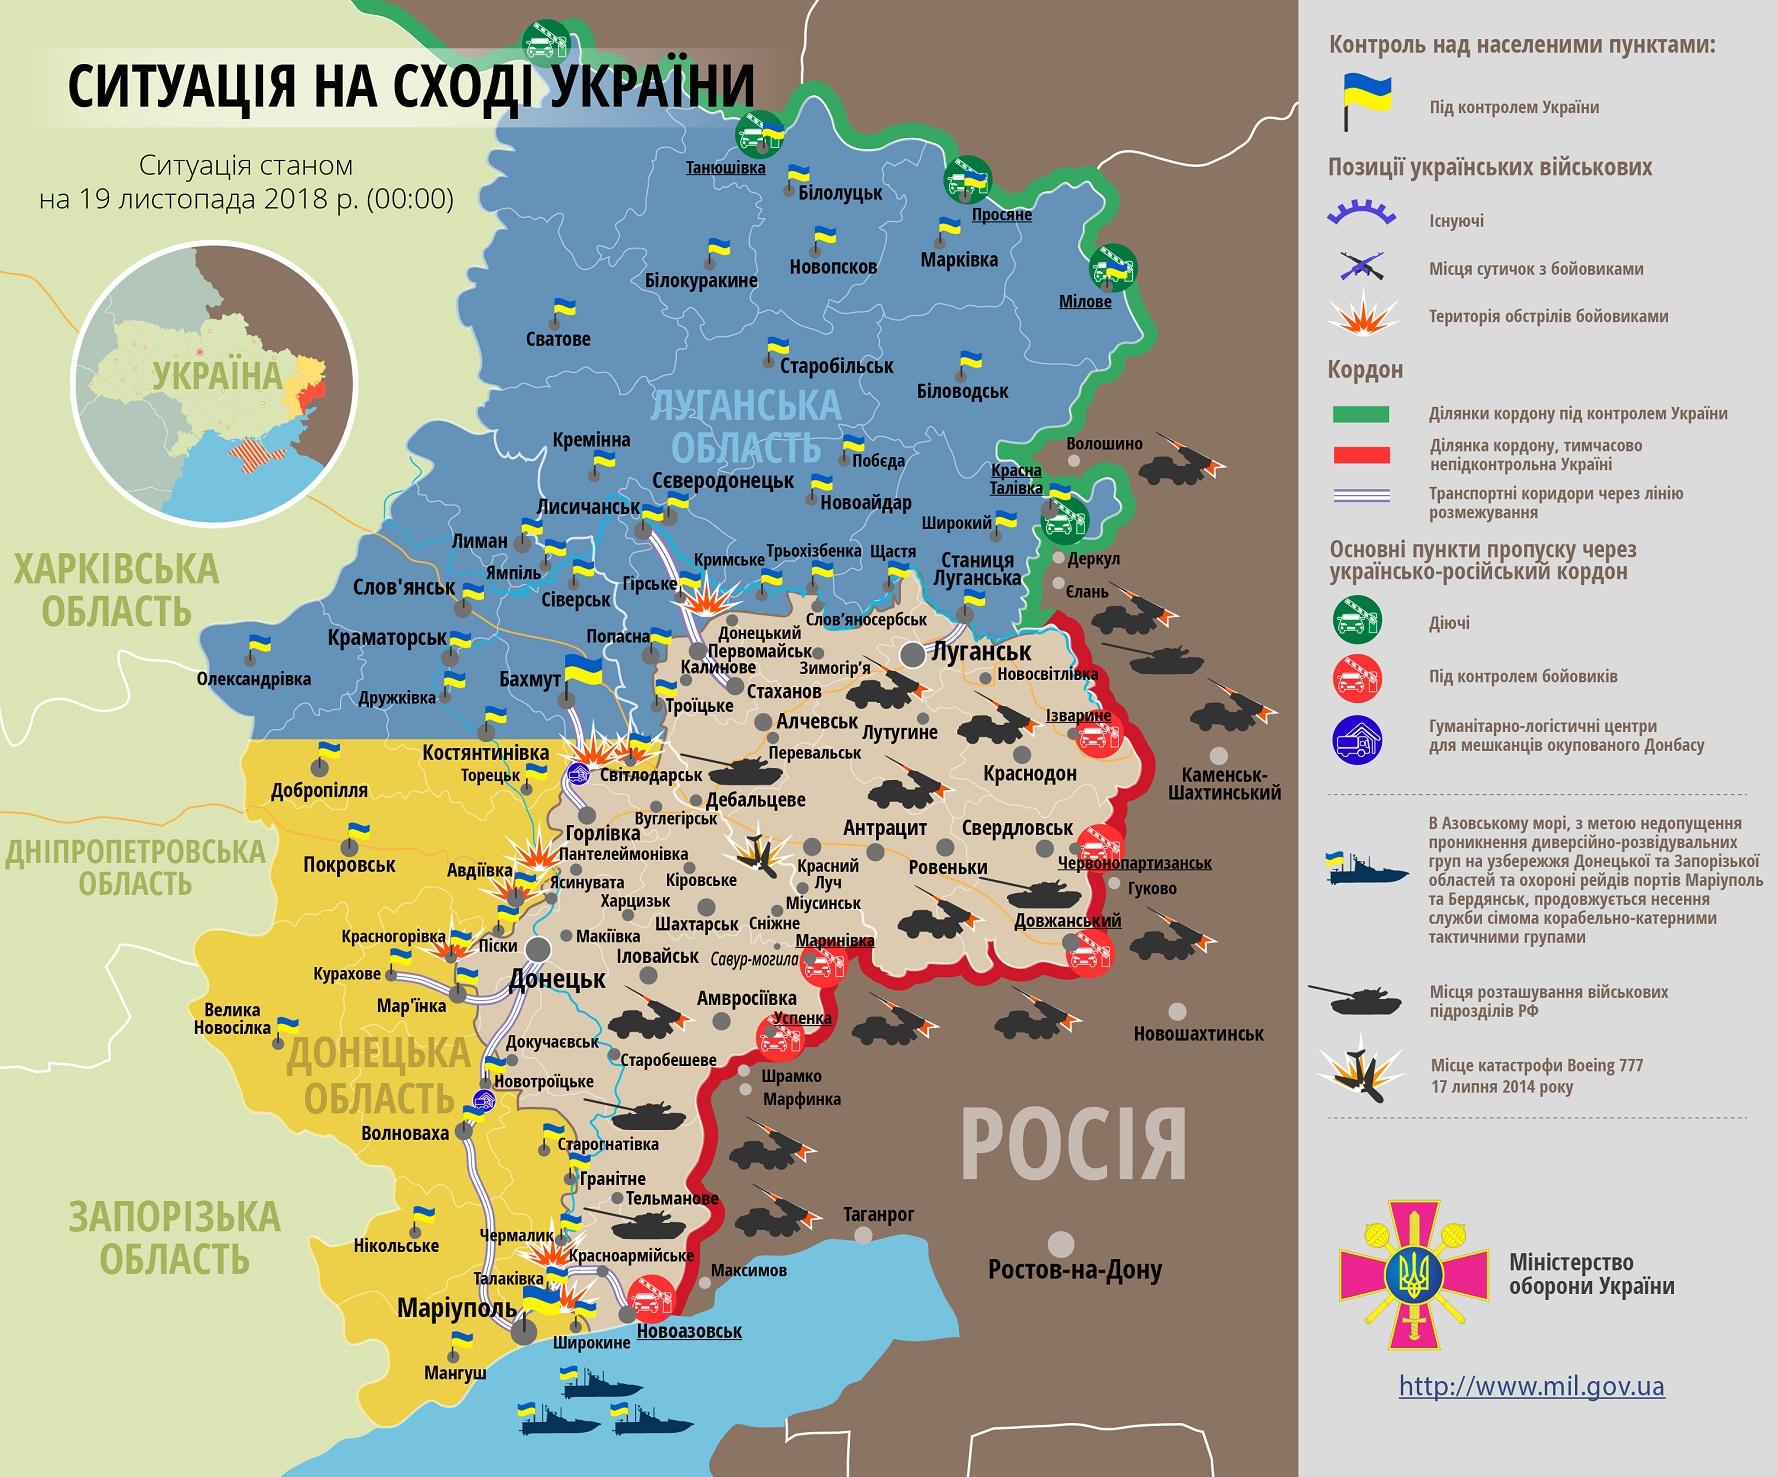 В кровопролитных боях с террористами ВСУ понесли нелетальные потери: боевая сводка и карта ООС за 19 ноября